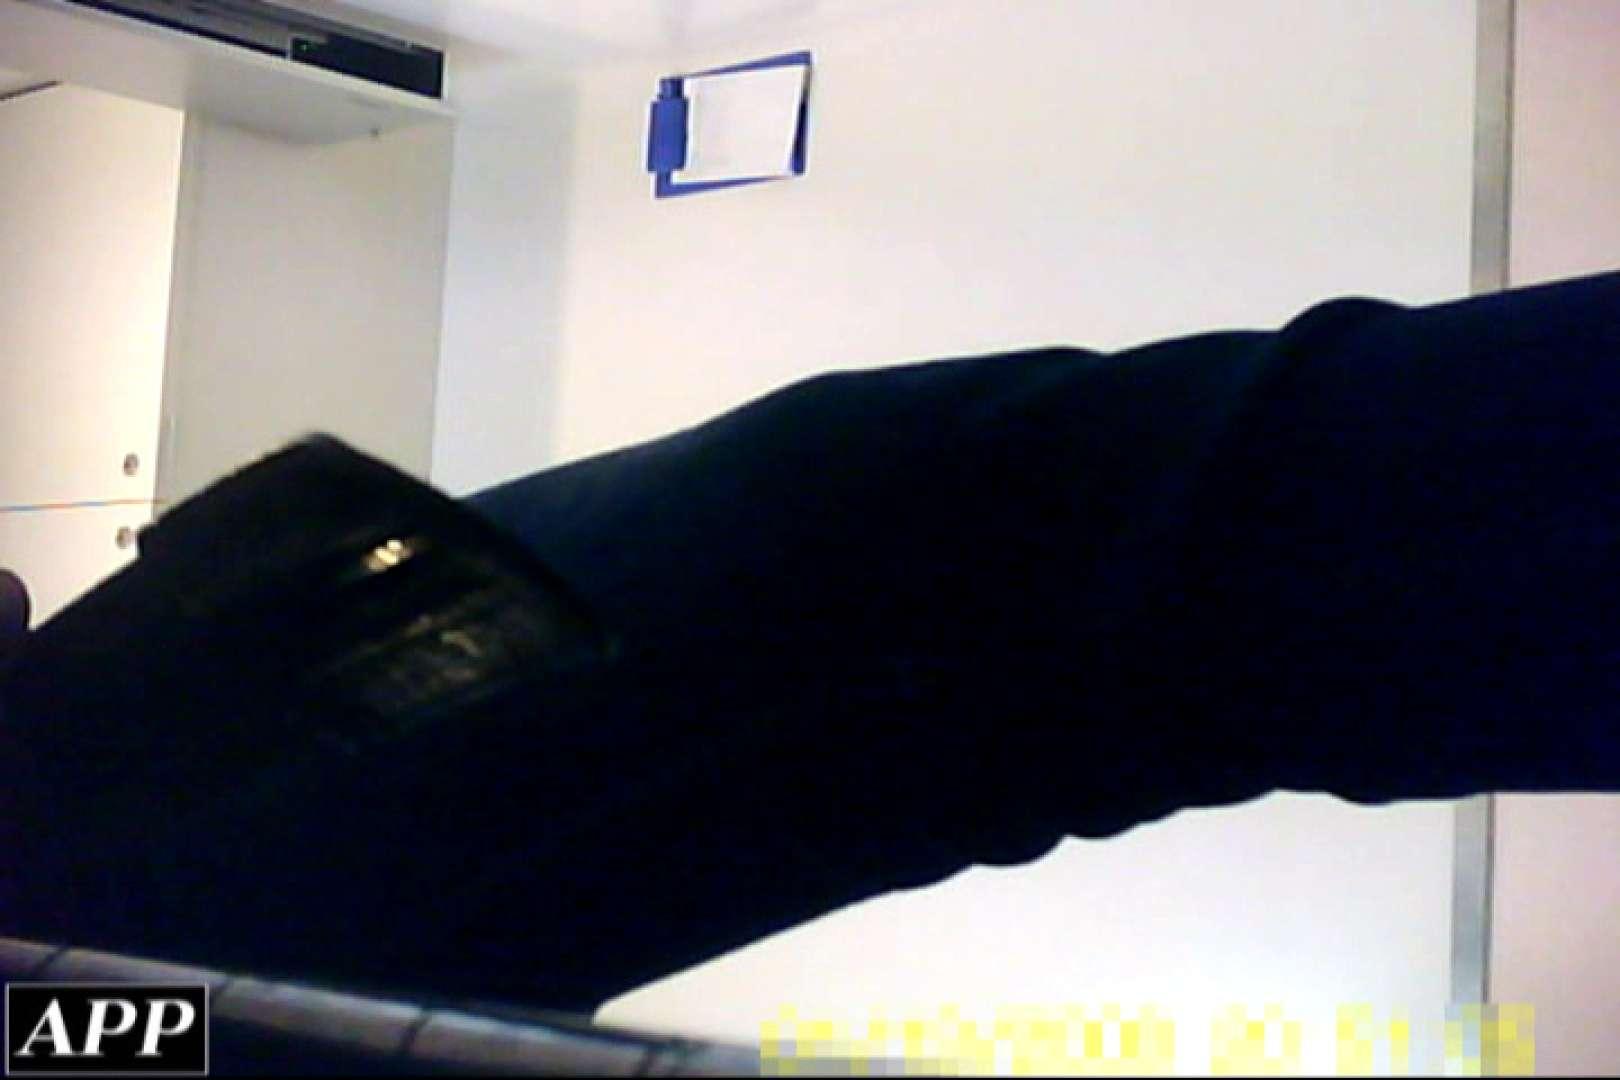 3視点洗面所 vol.135 肛門 のぞき動画画像 71PIX 65